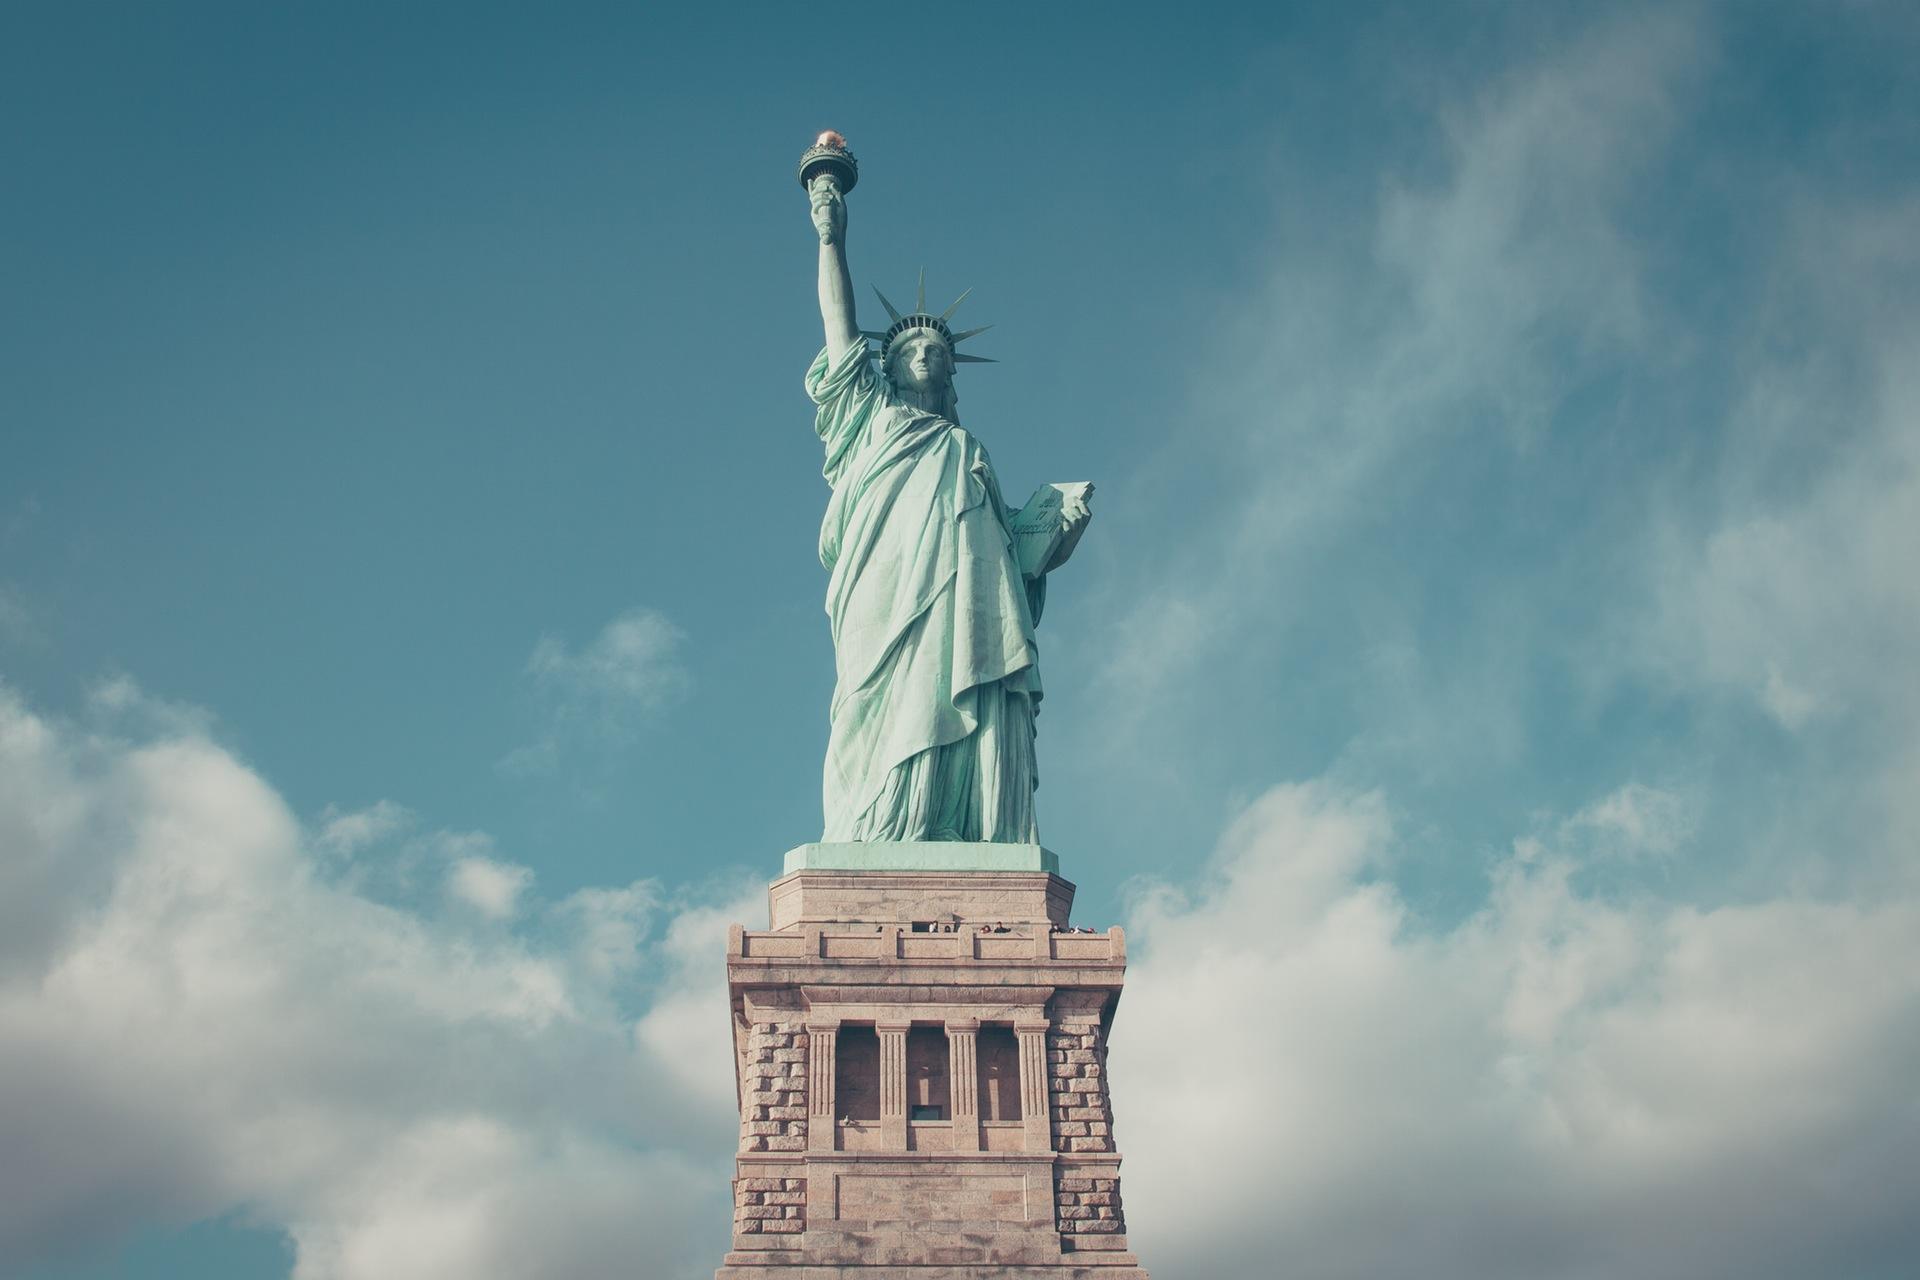 Hình ảnh đẹp nhất về tượng nữ thần tự do